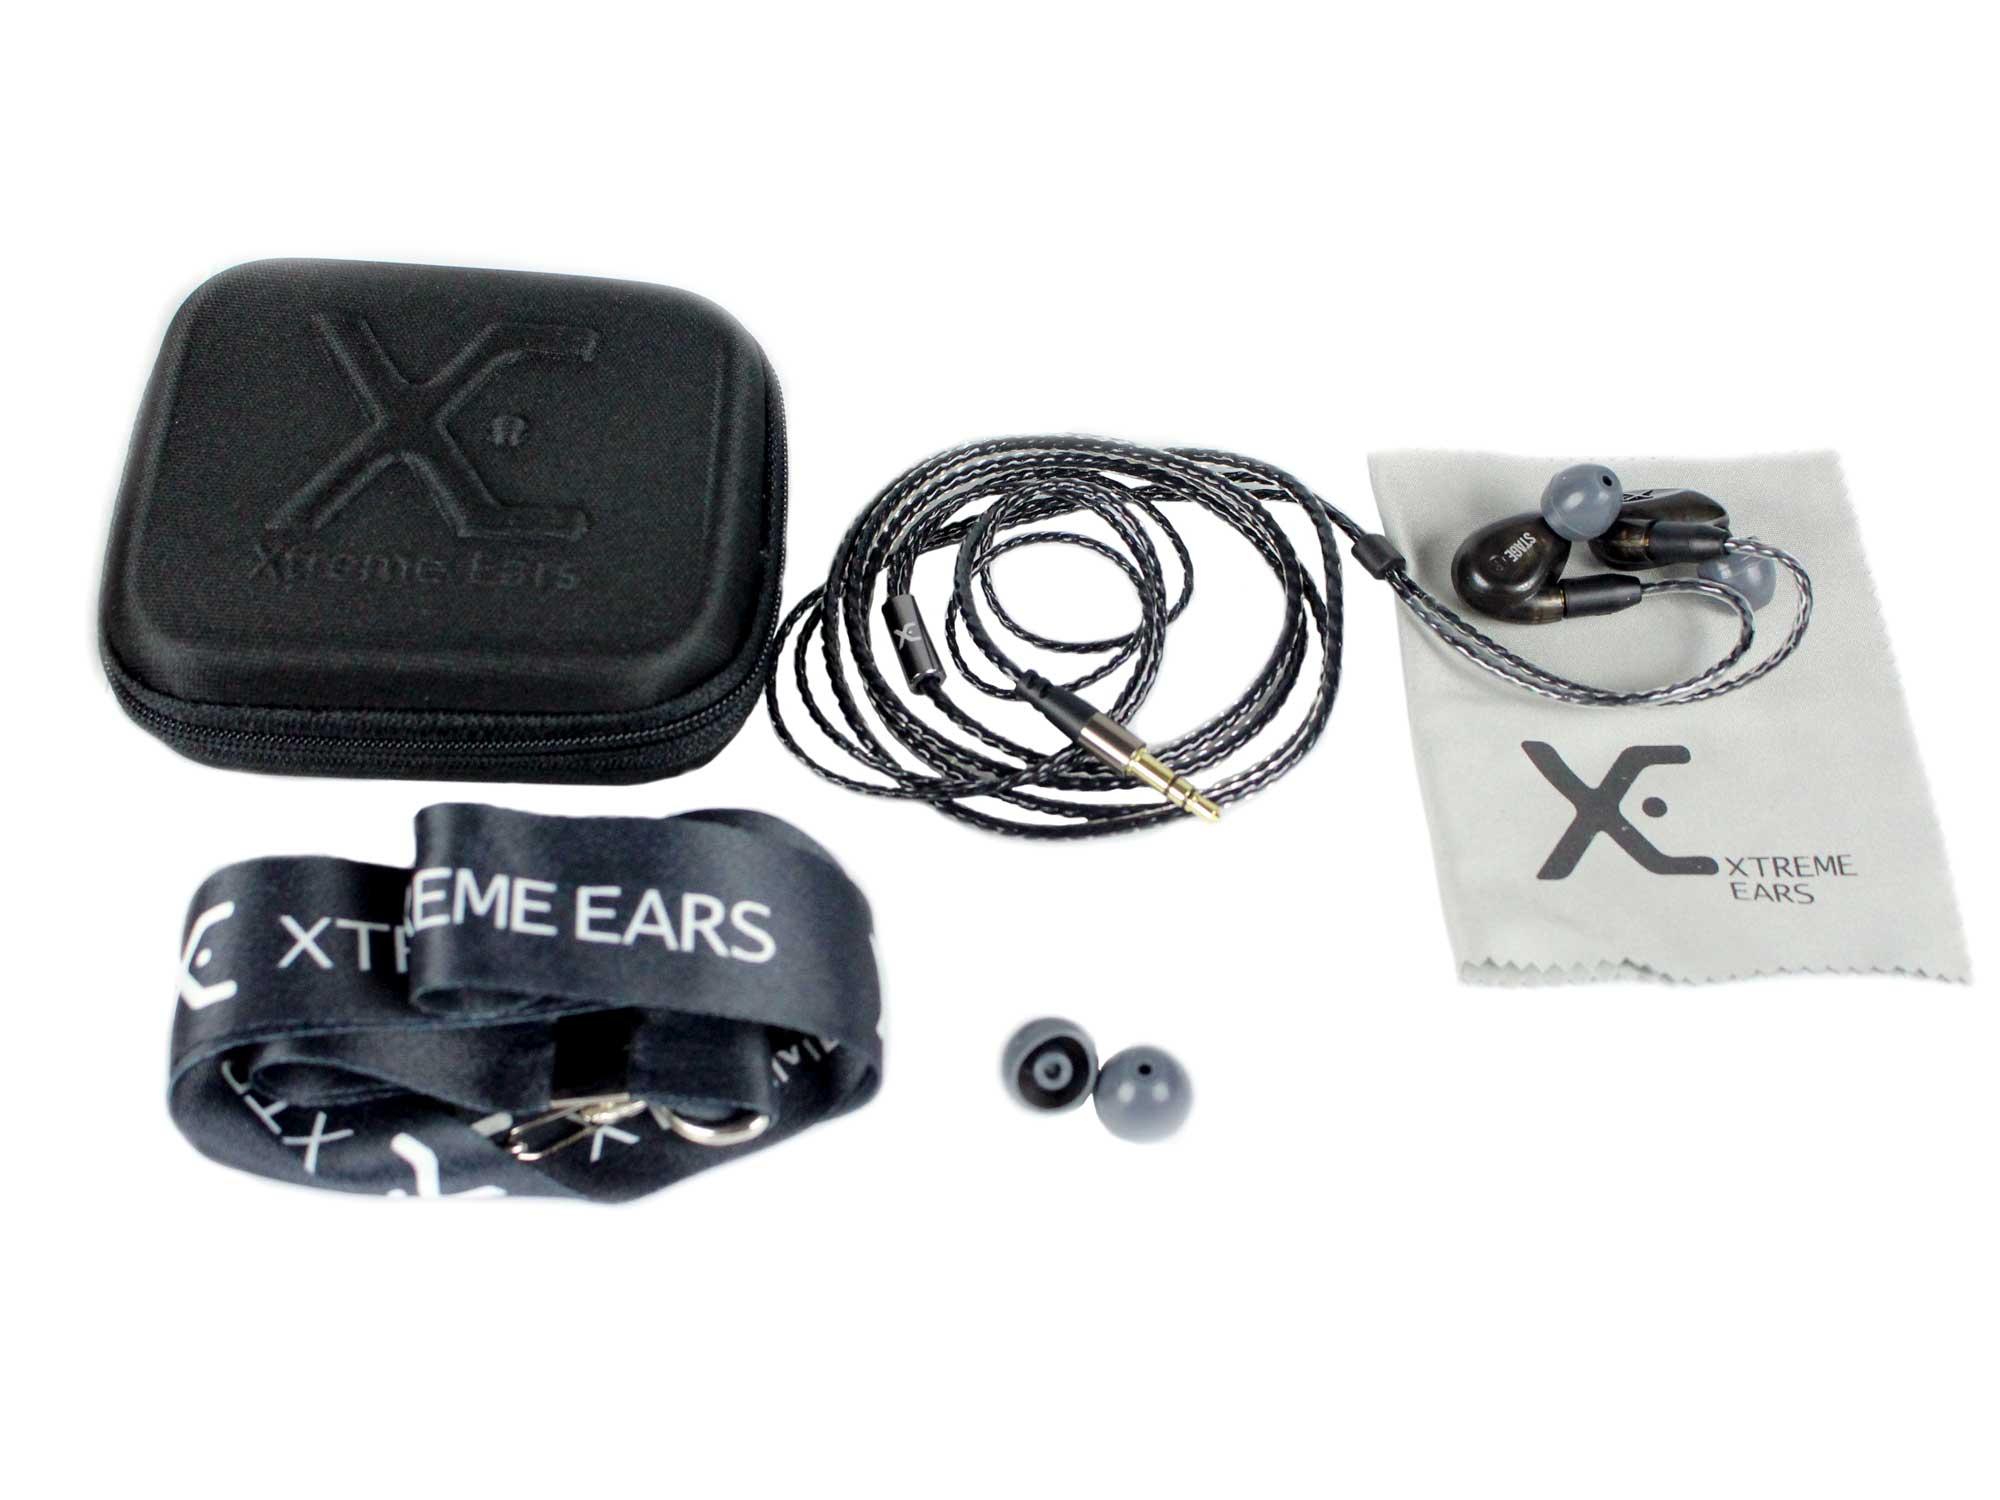 Fone In-Ear Preto Translúcido 117dB XTREME EARS STAGE